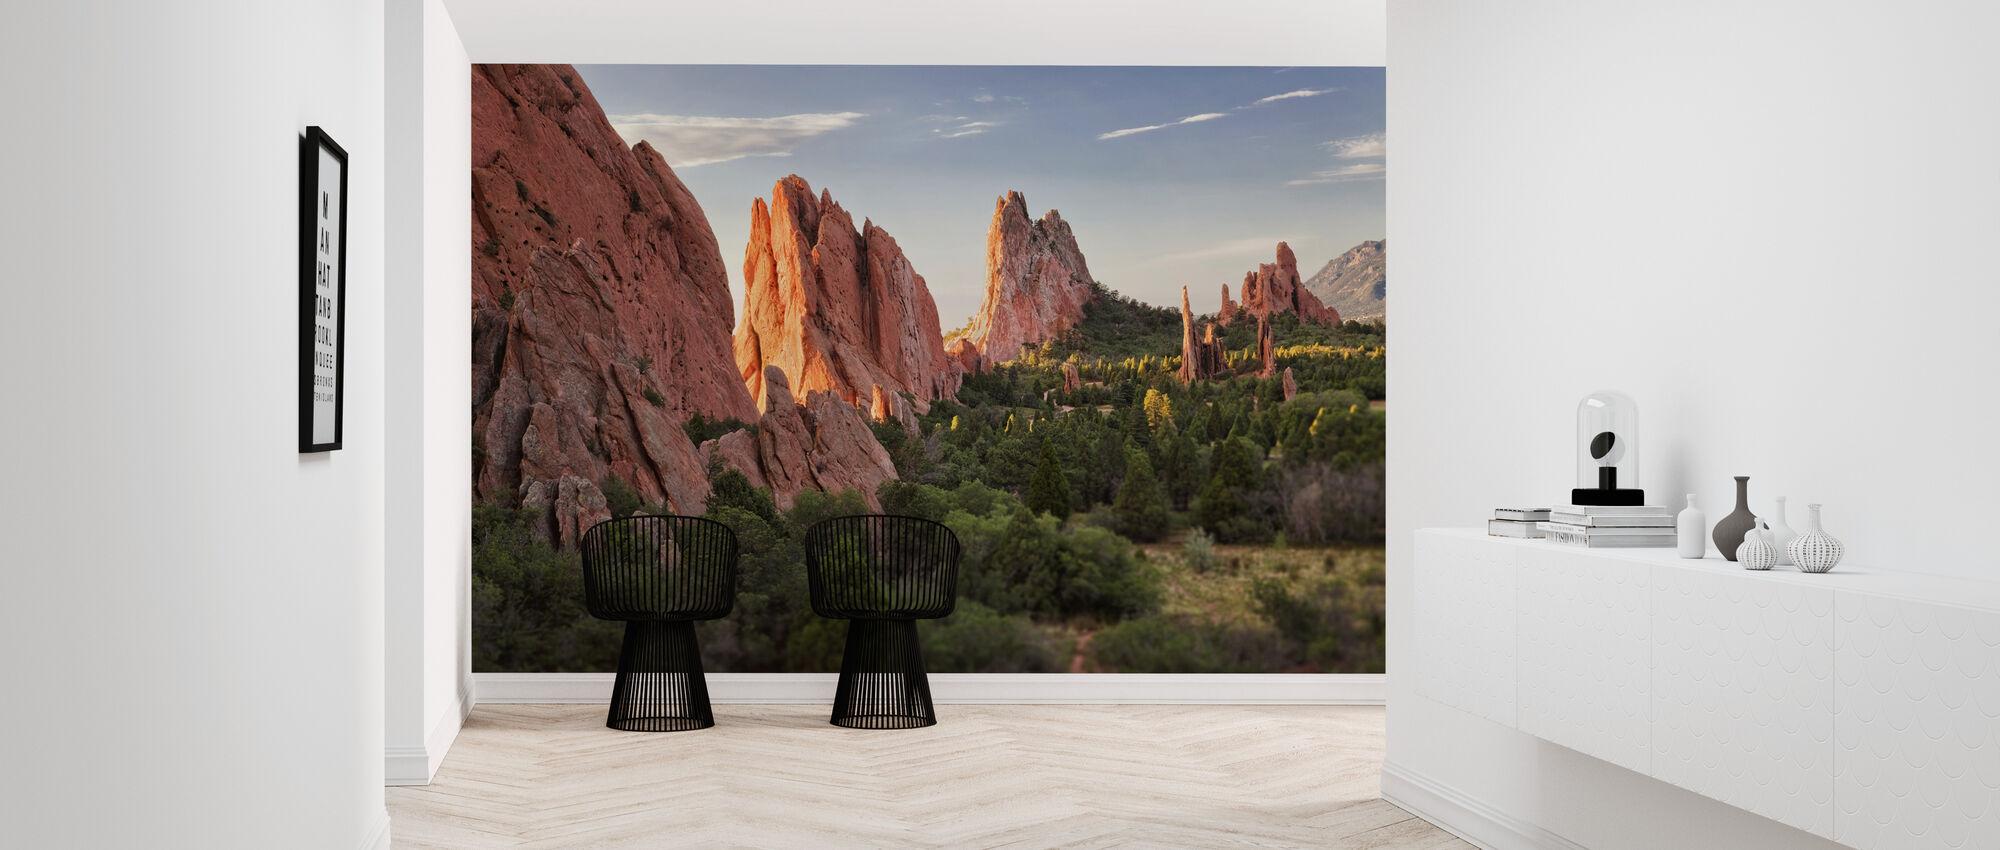 Garden of Gods, Colorado Springs - Wallpaper - Hallway